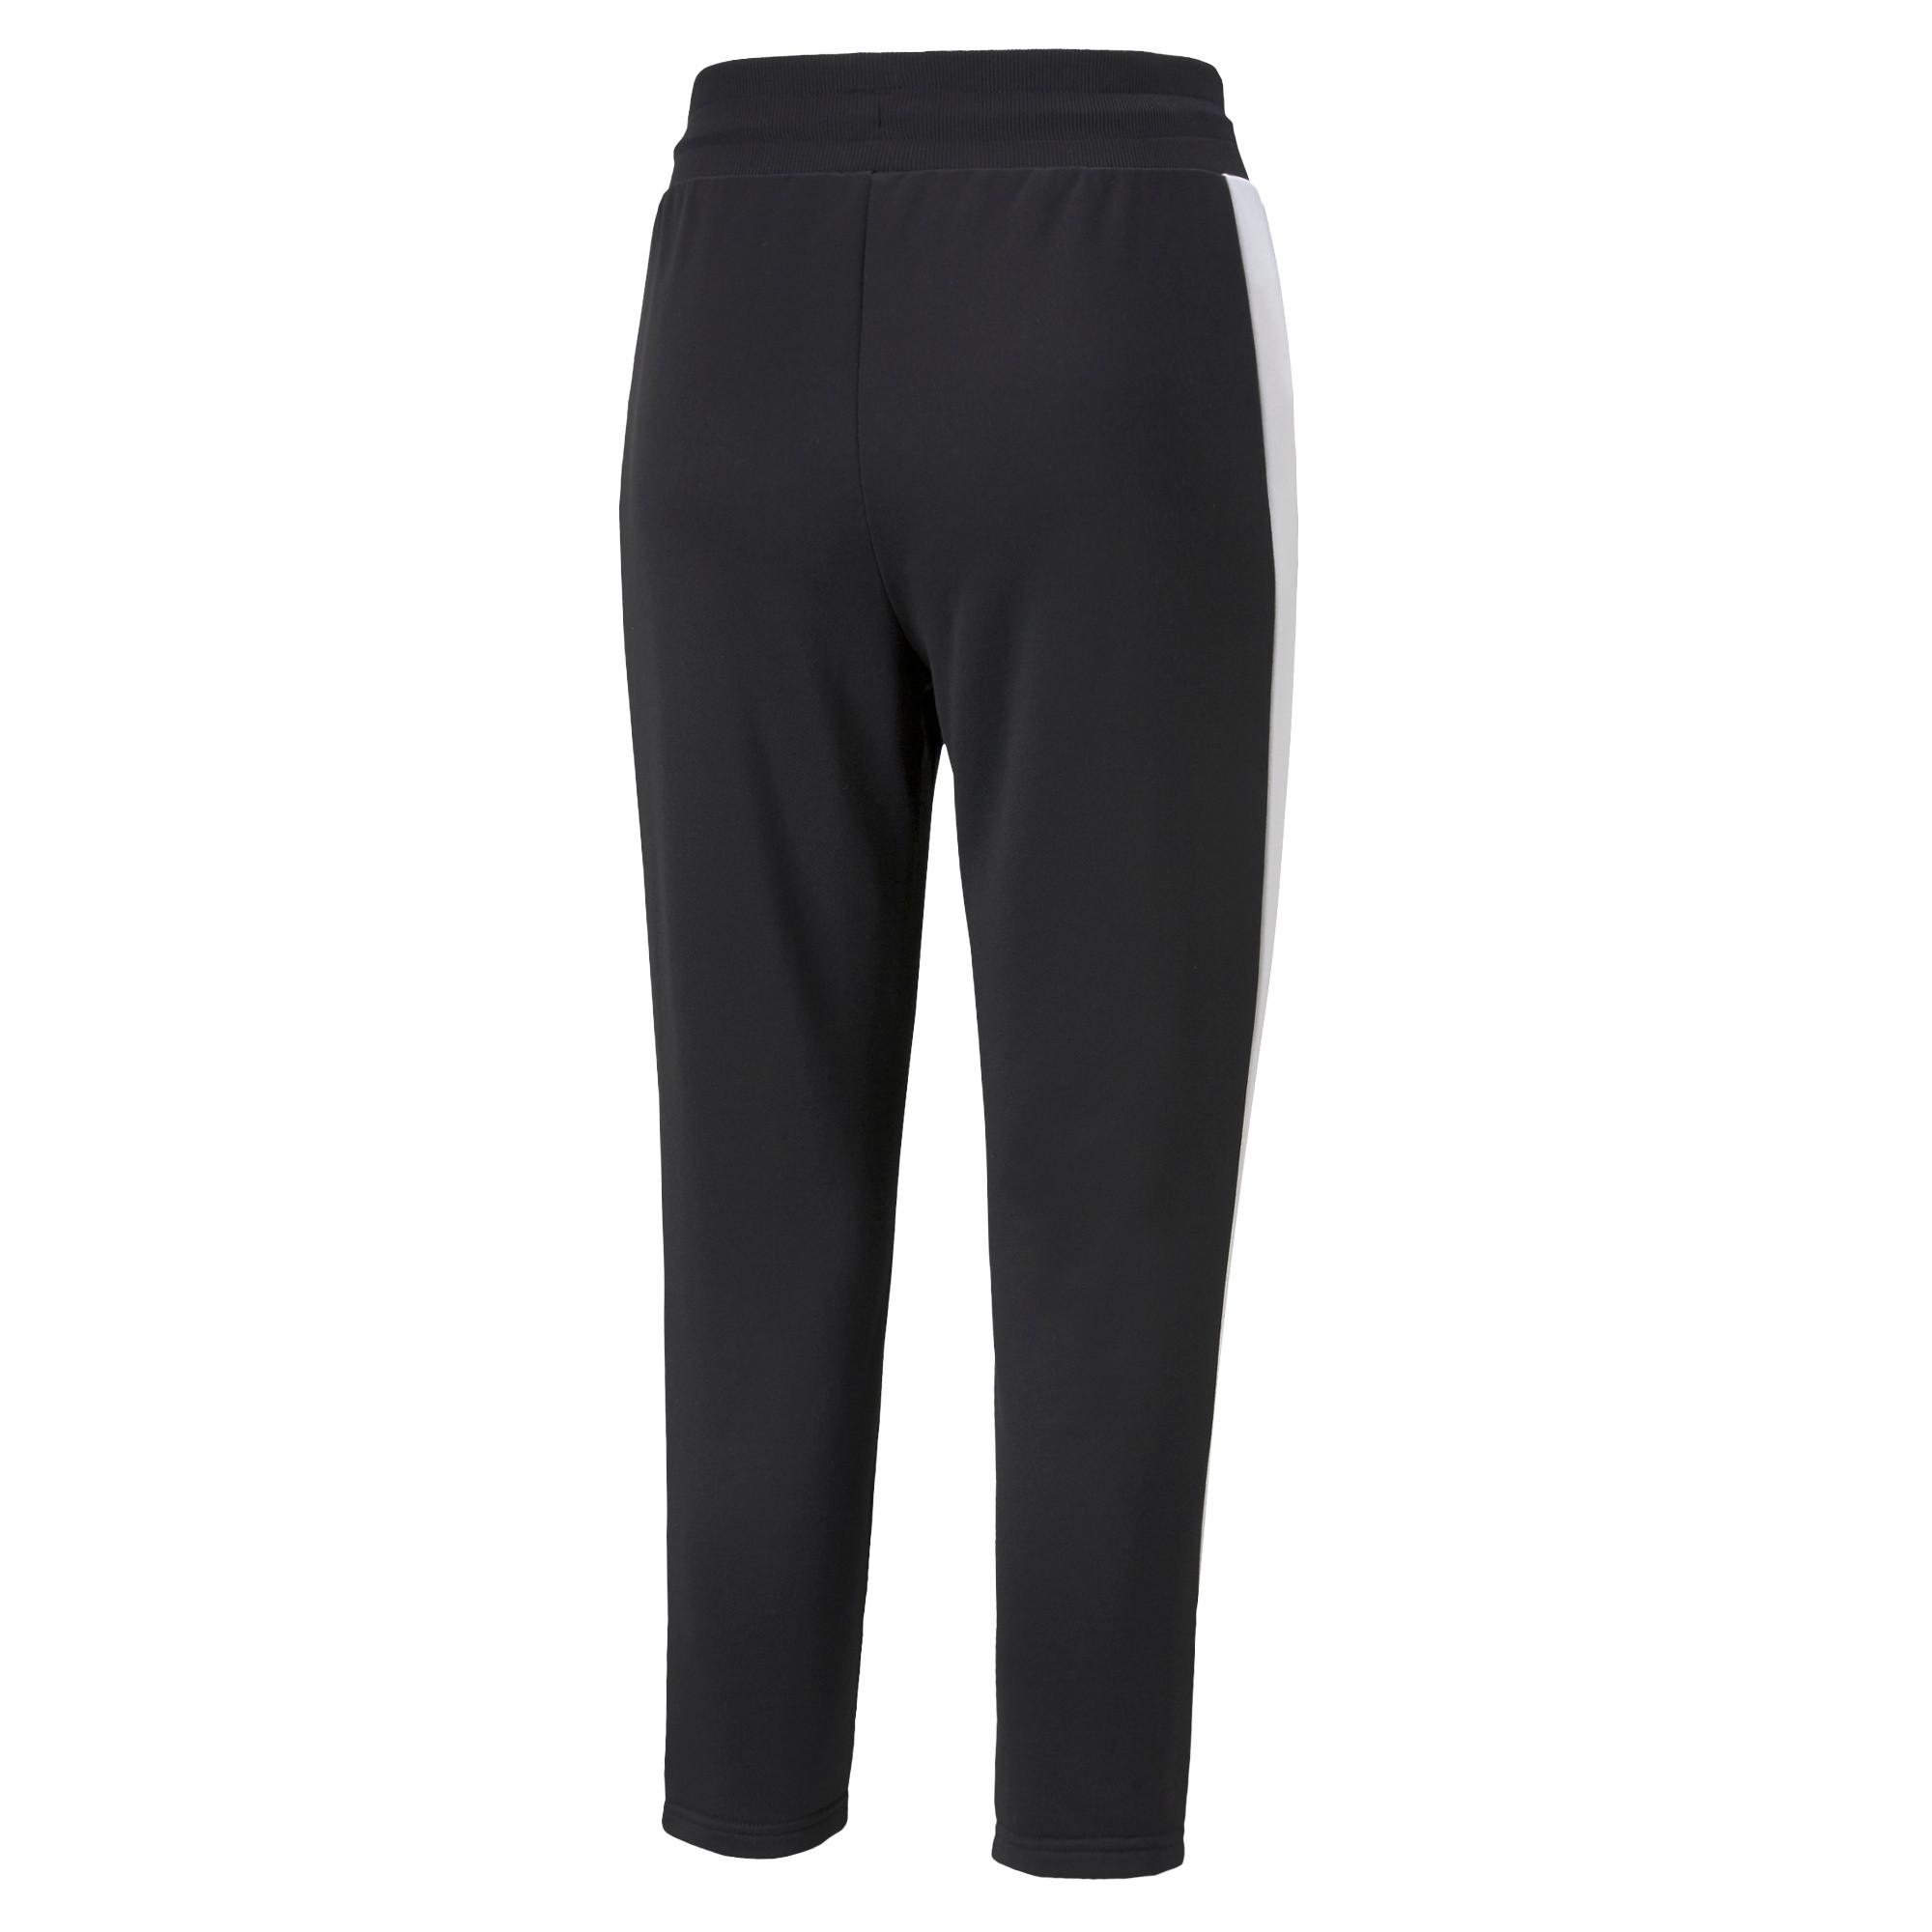 Pantaloni tuta donna Iconic T7, Nero, large image number 1